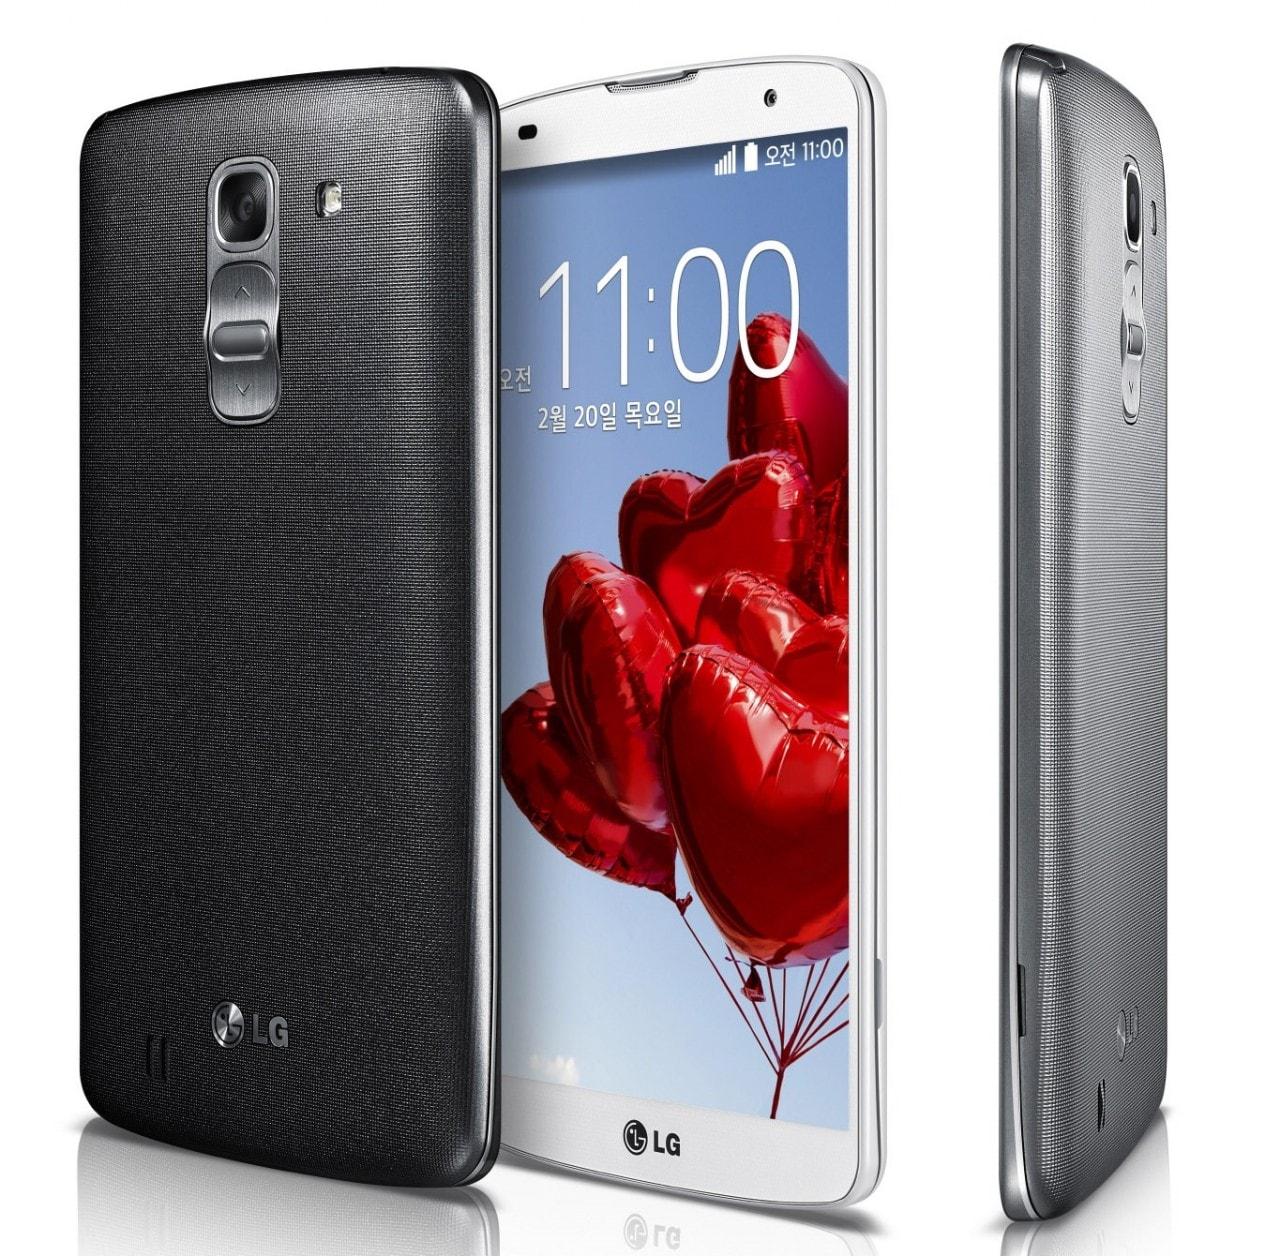 LG G Pro 2 ufficiale: 5,9'' full HD con Snapdragon 800, registrazione video in 4k e tanto altro (foto)